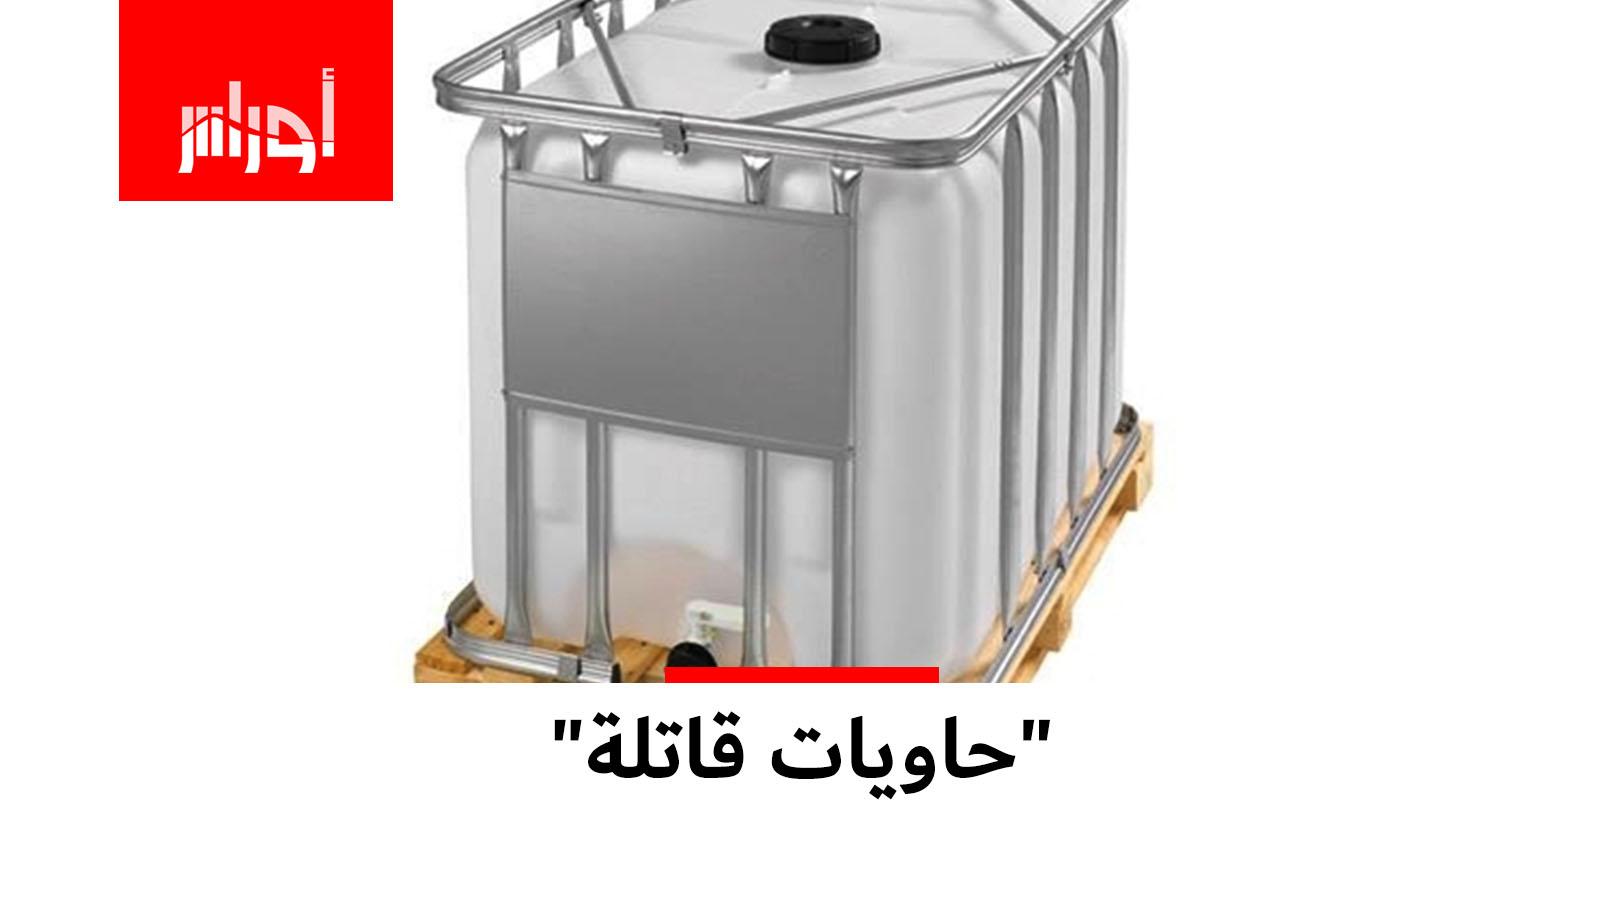 هذه الحاويات المائية يستخدمها كثير من الجزائريين غير مدركين لخطورتها.. شاهد الفيديو